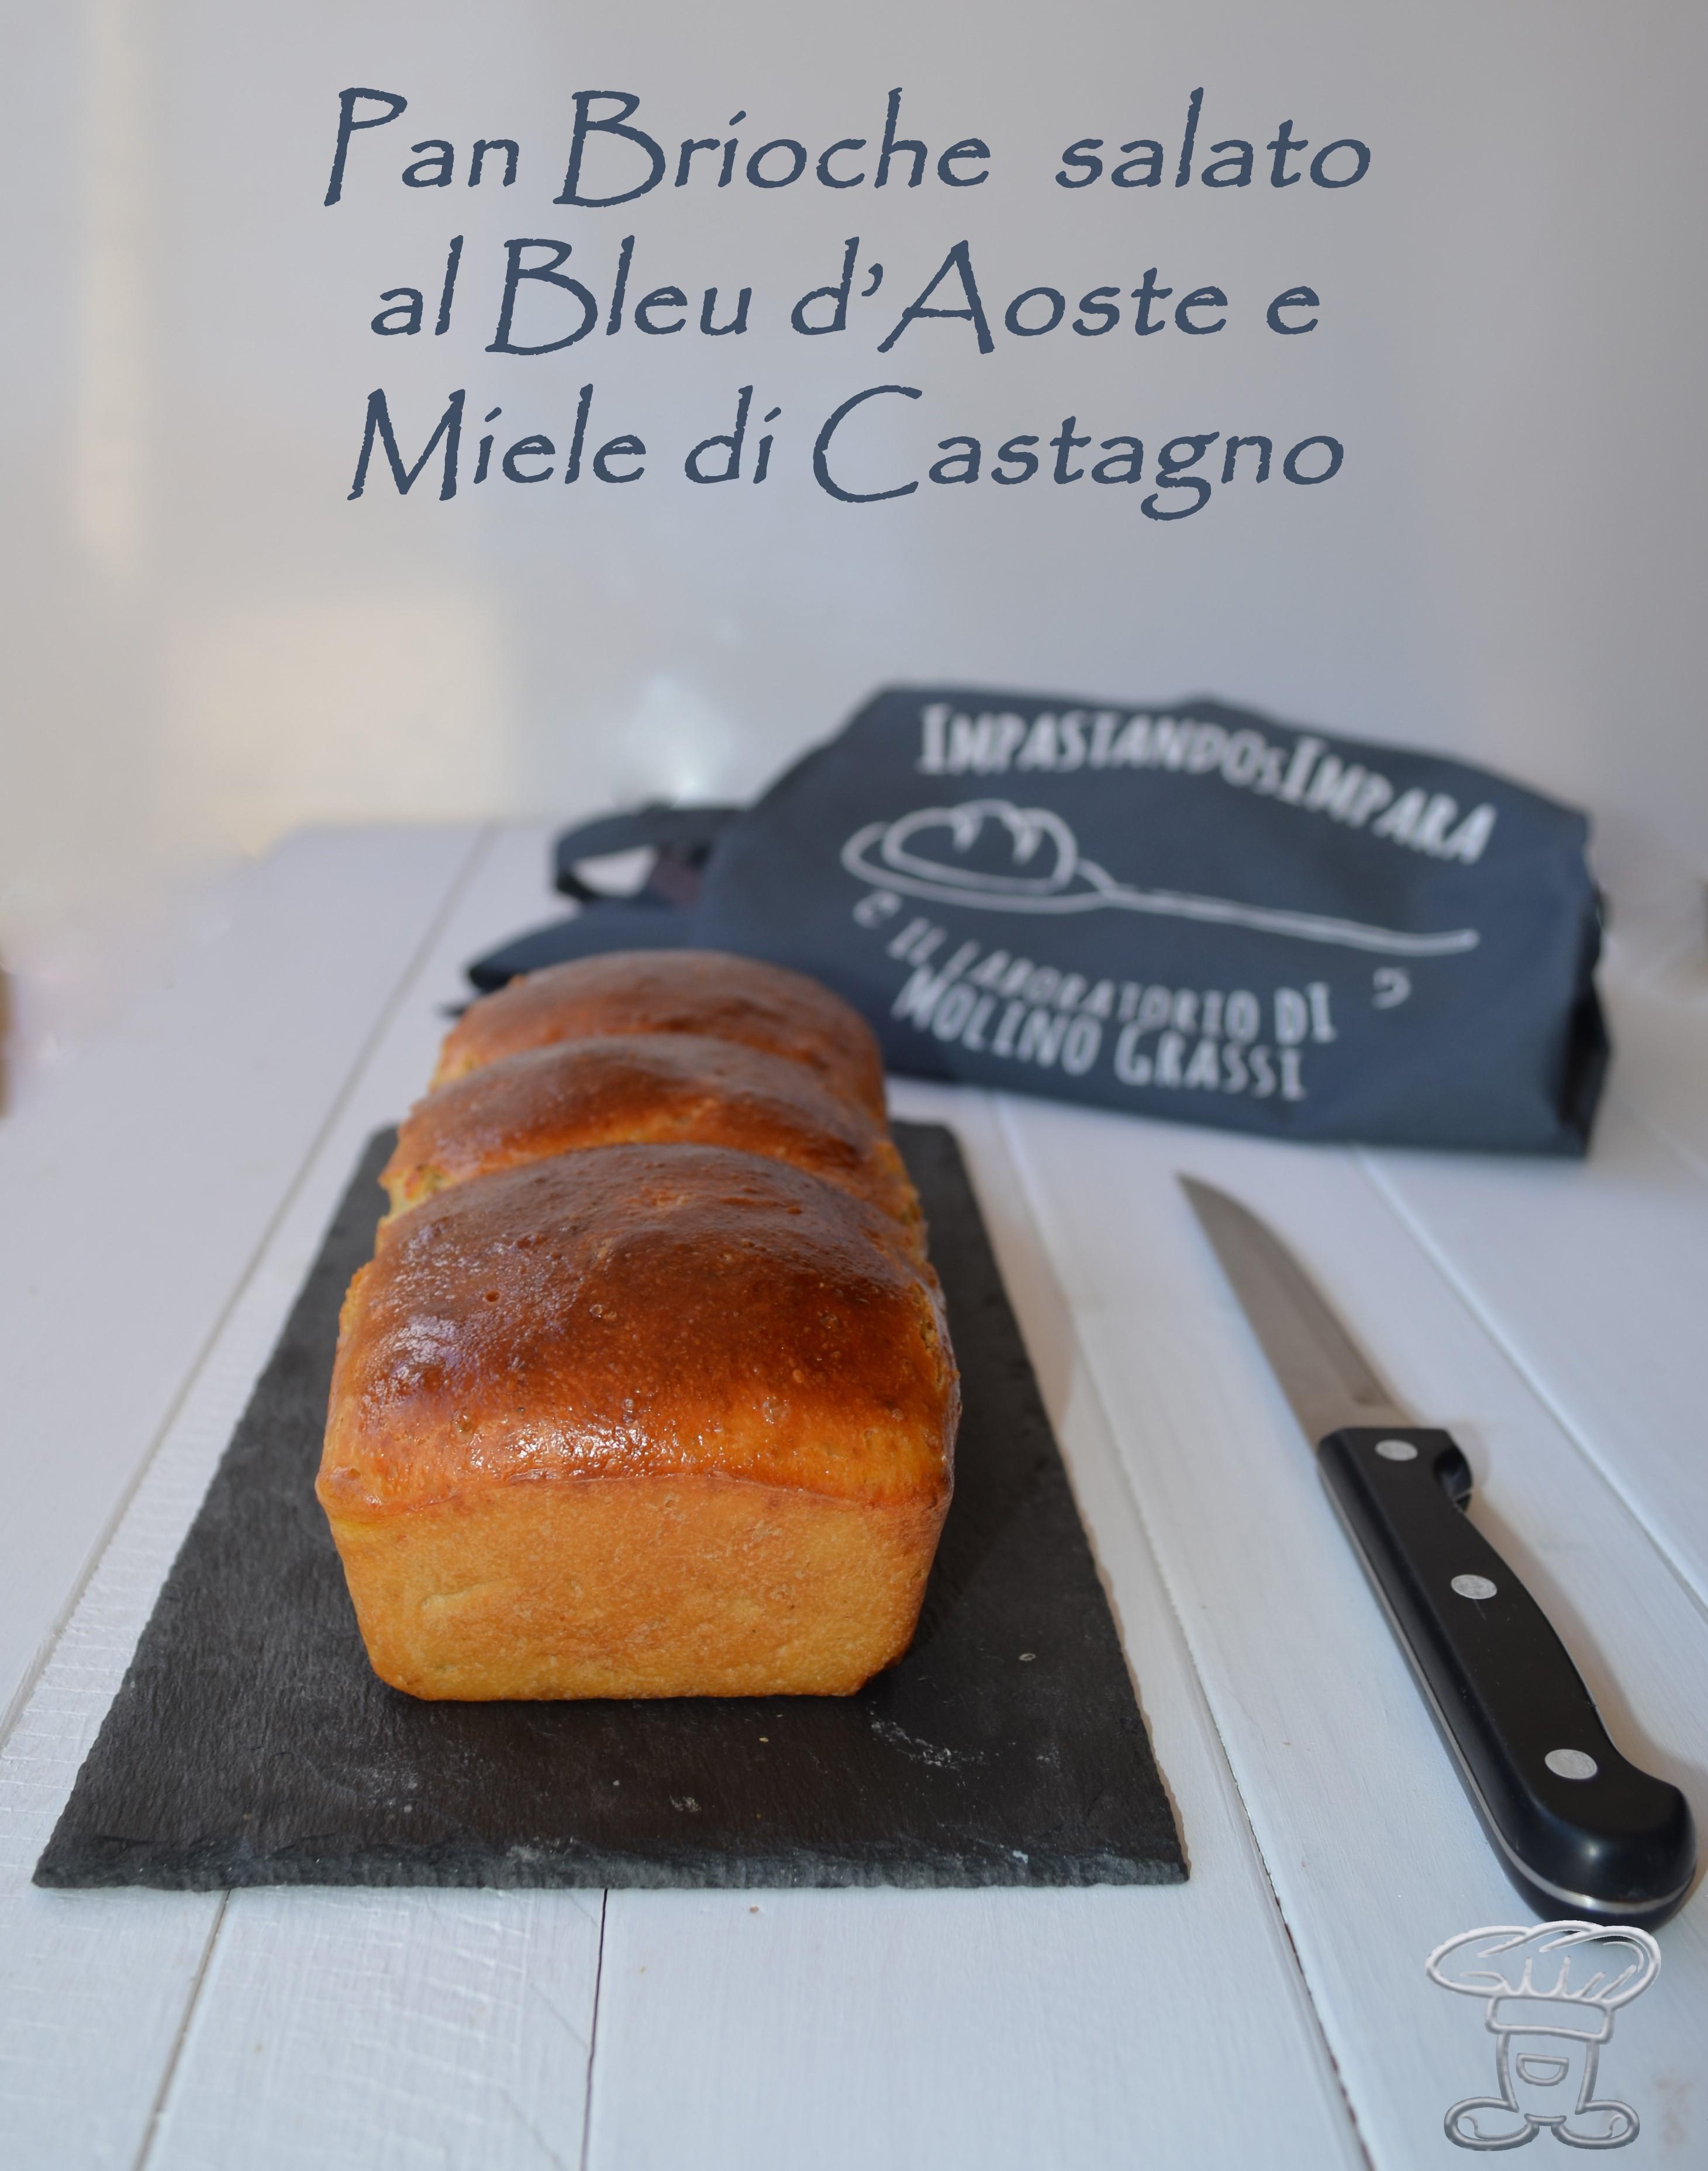 dsc_0559 Pan Brioche salato al Bleu d'Aoste e Miele di Castagno